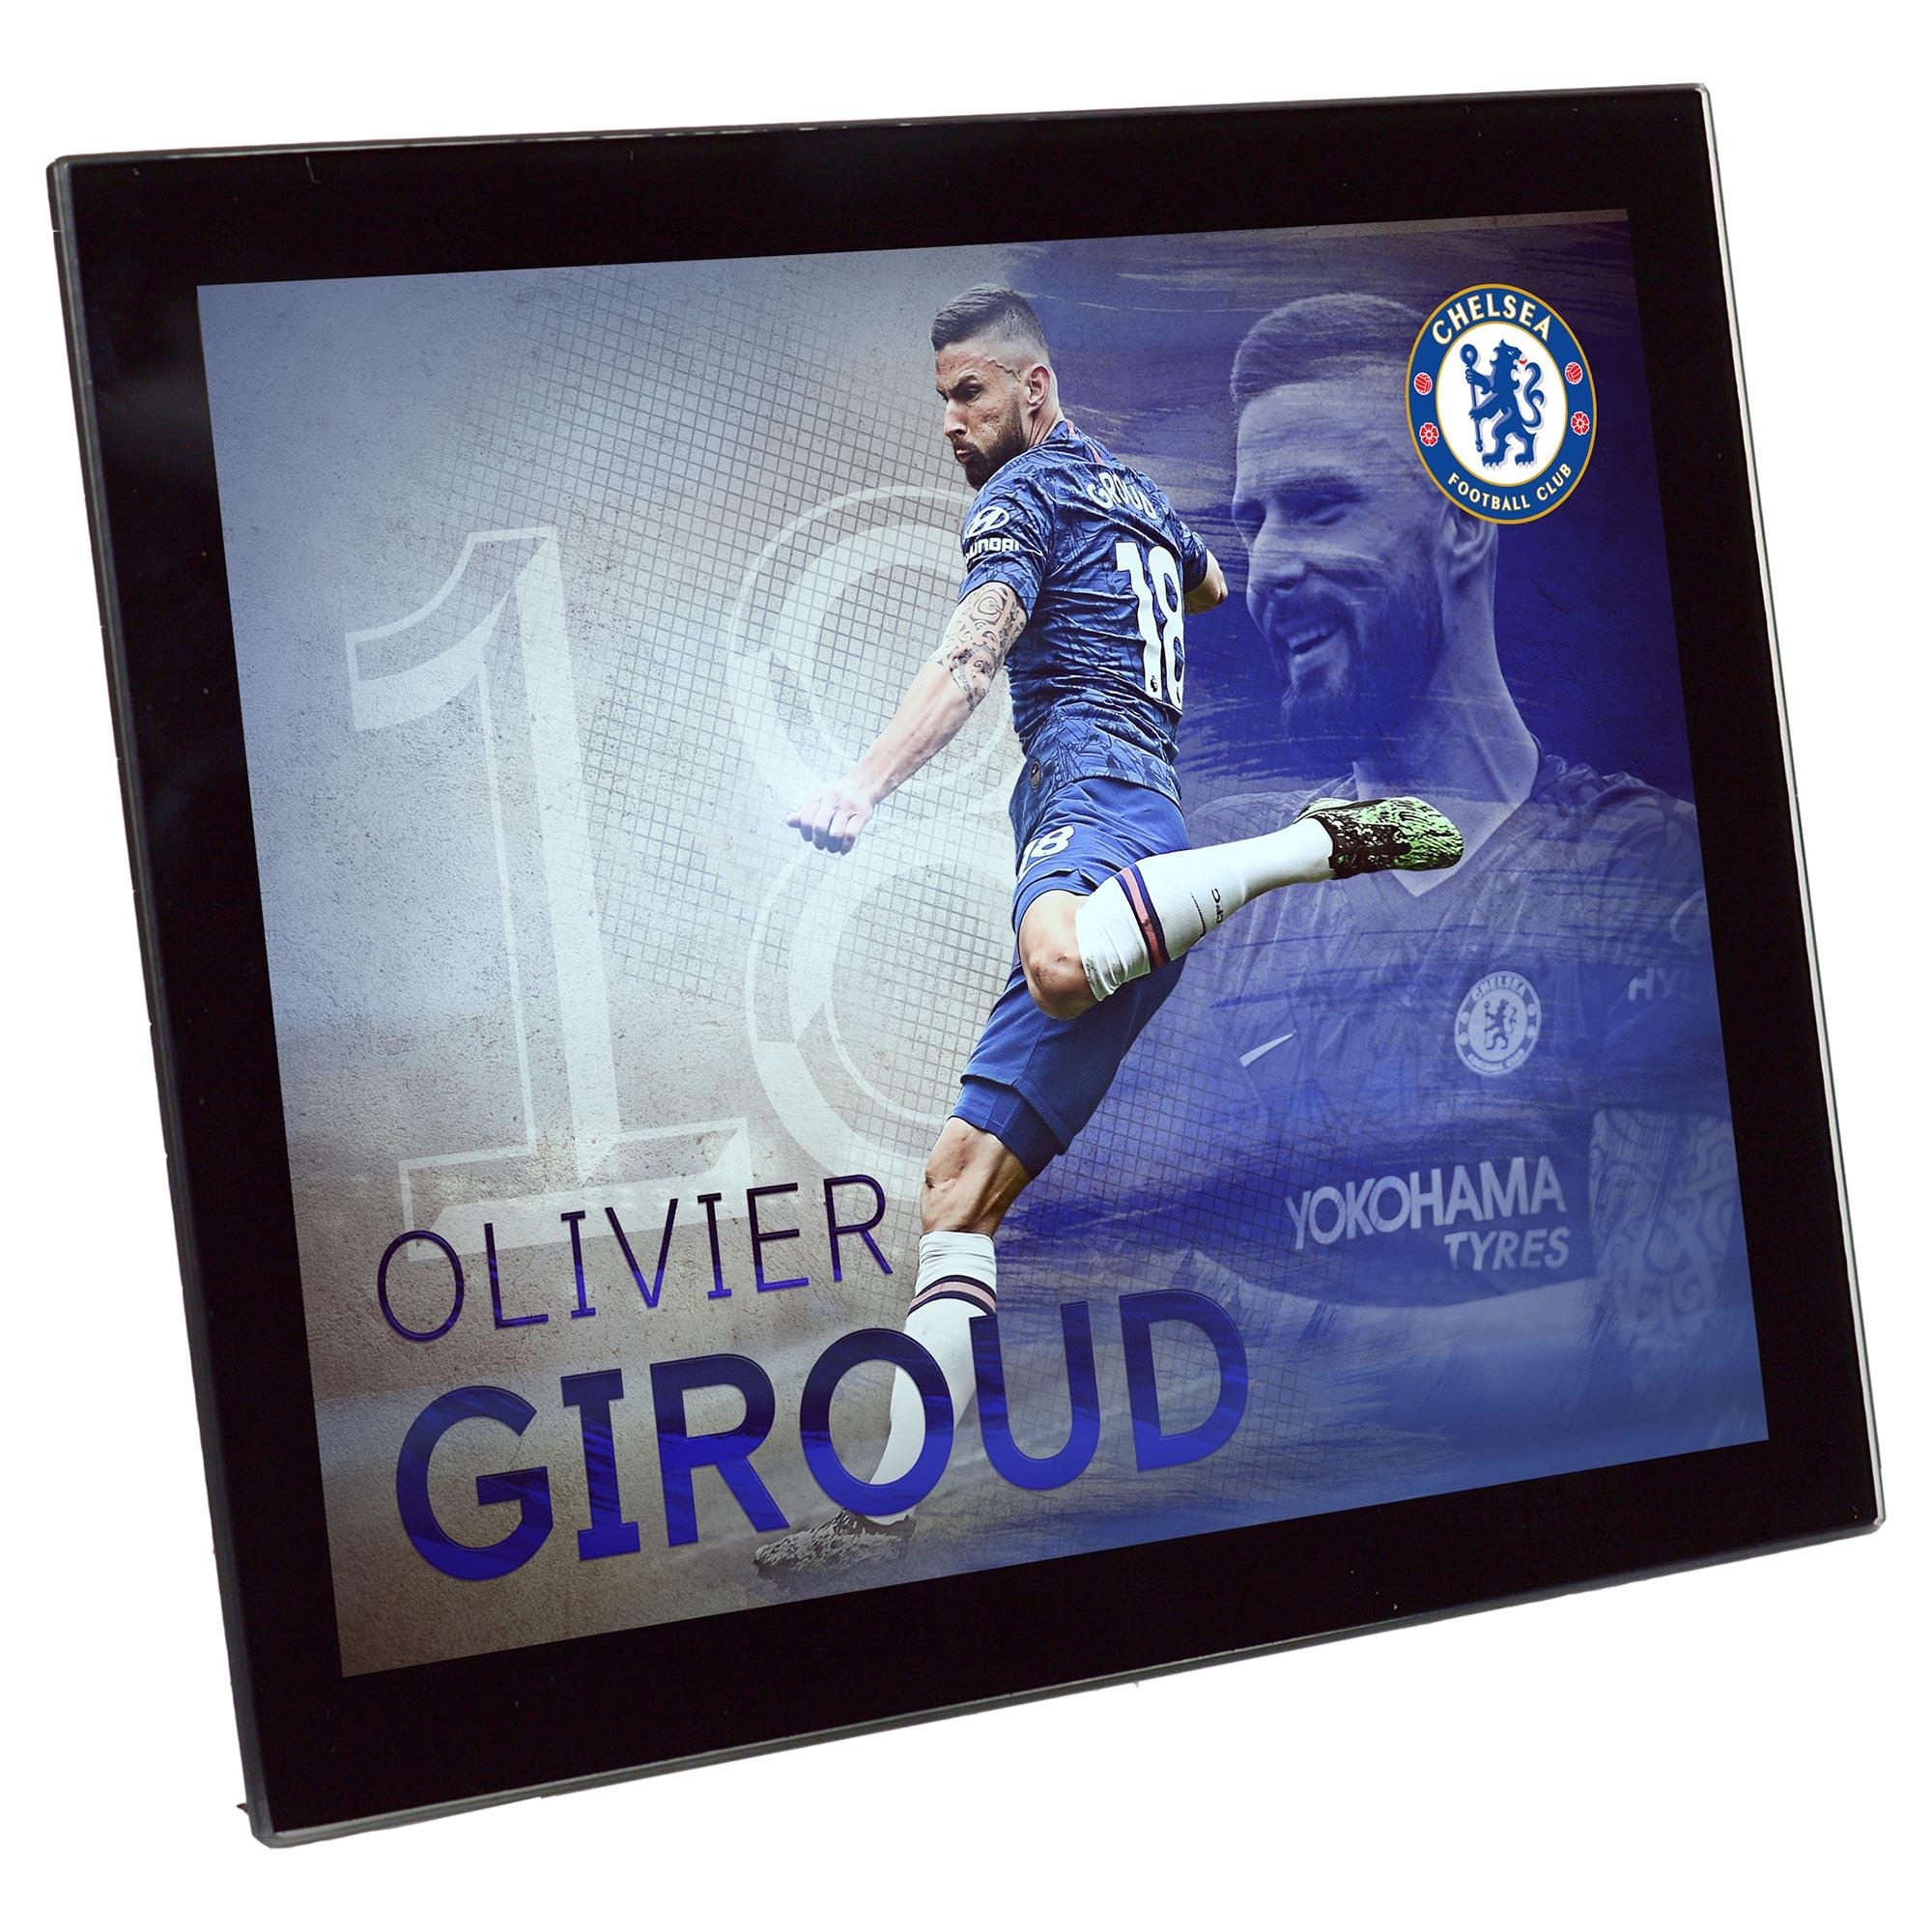 Imagen de Olivier Giroud del Chelsea con marco de vidrio en 20,3x15,2 (8x6)